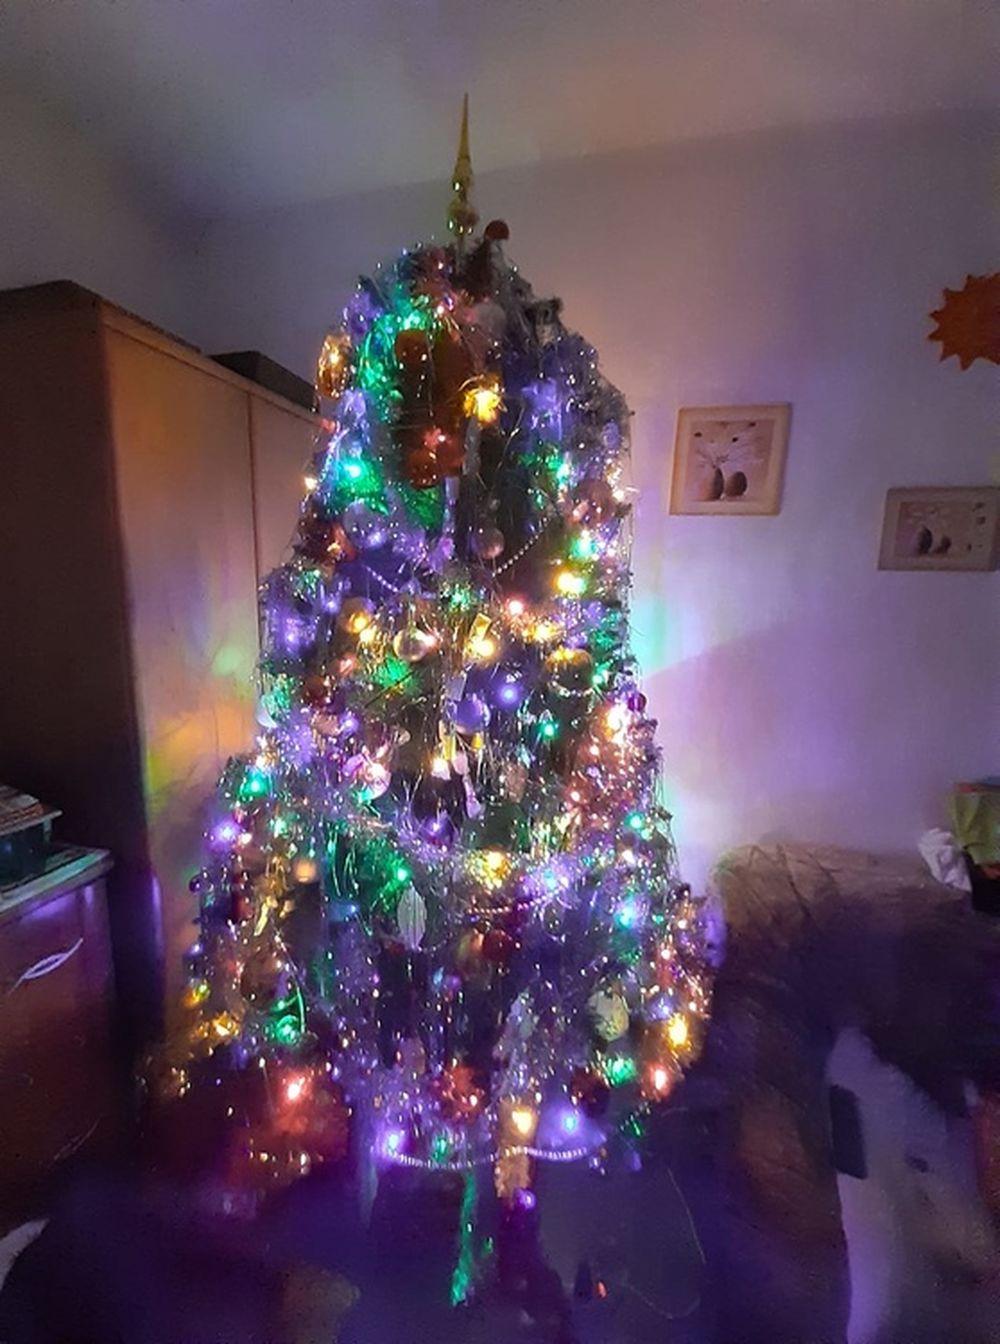 FOTO: Vianočné stromčeky v Žiline - výber fotografií našich čitateľov, foto 48